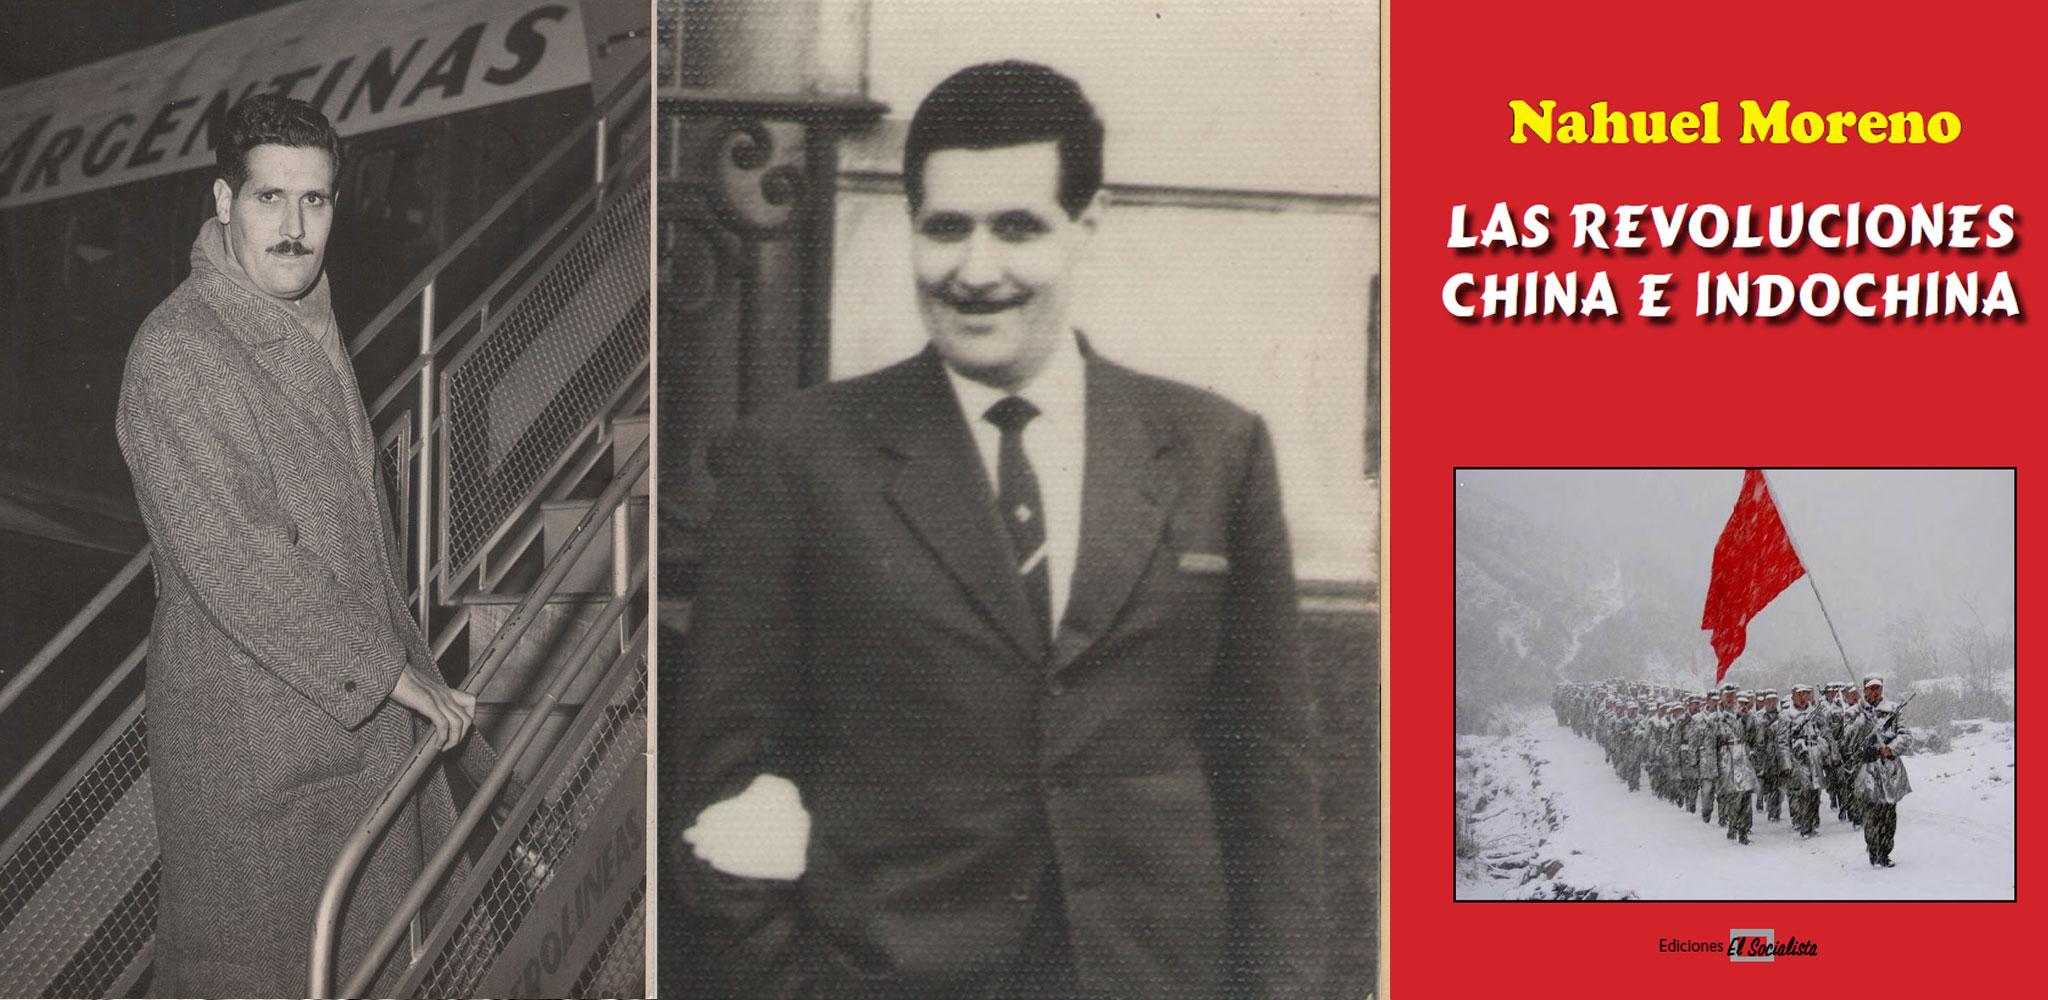 LAS REVOLUCIONES CHINA E INDOCHINA (1968)